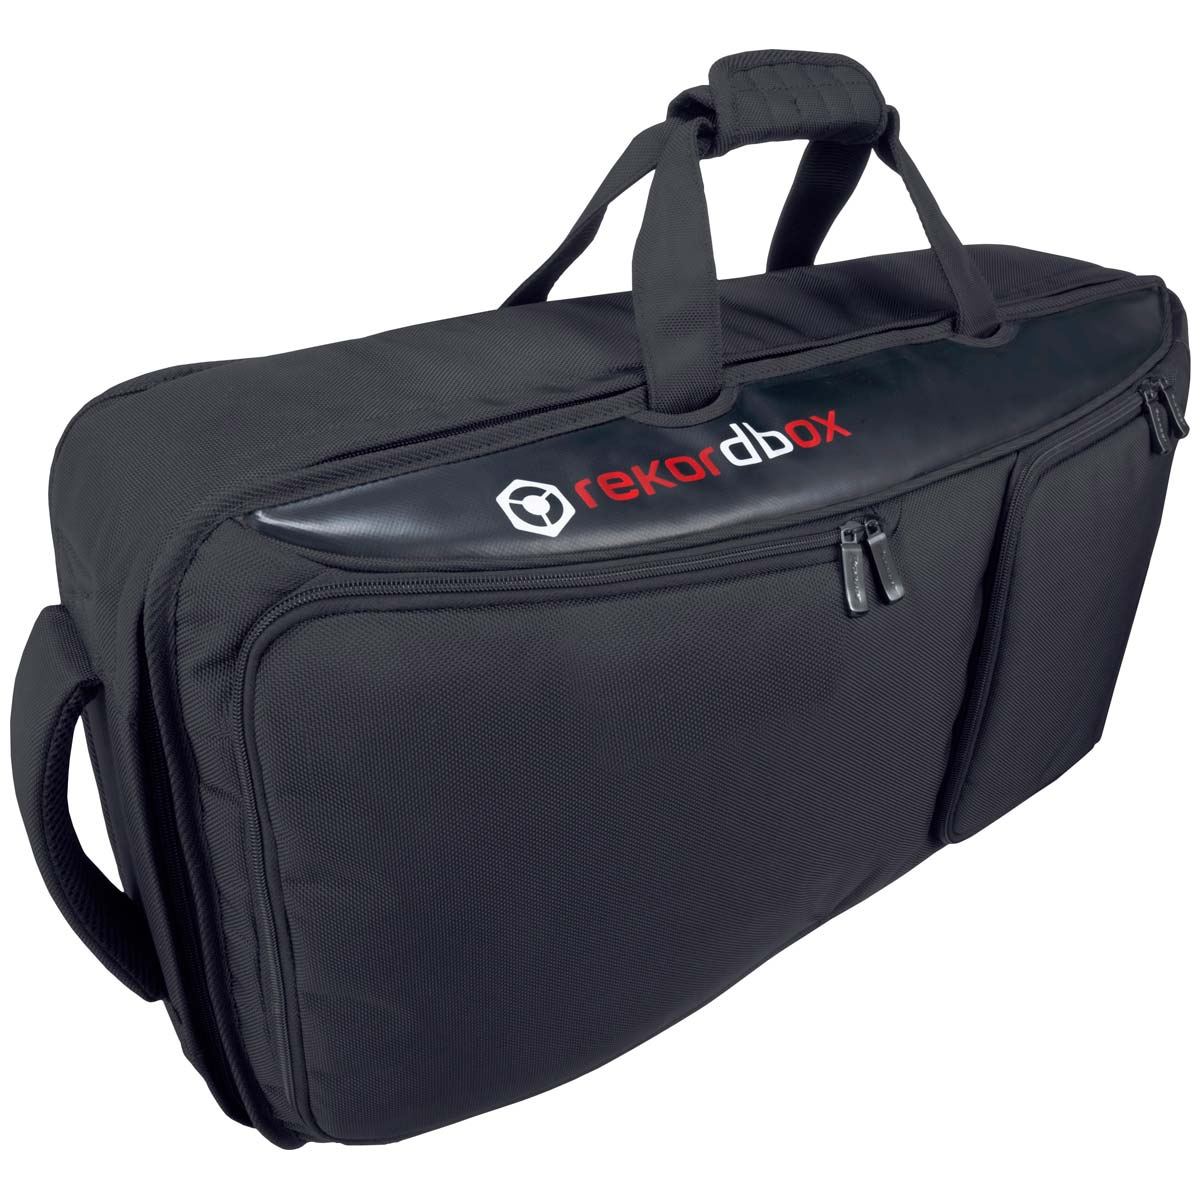 DJCSC2 - Bag p/ Controladoras DDJ SR, XDJ AERO ou DDJ ERGO DJC SC 2 - Pioneer